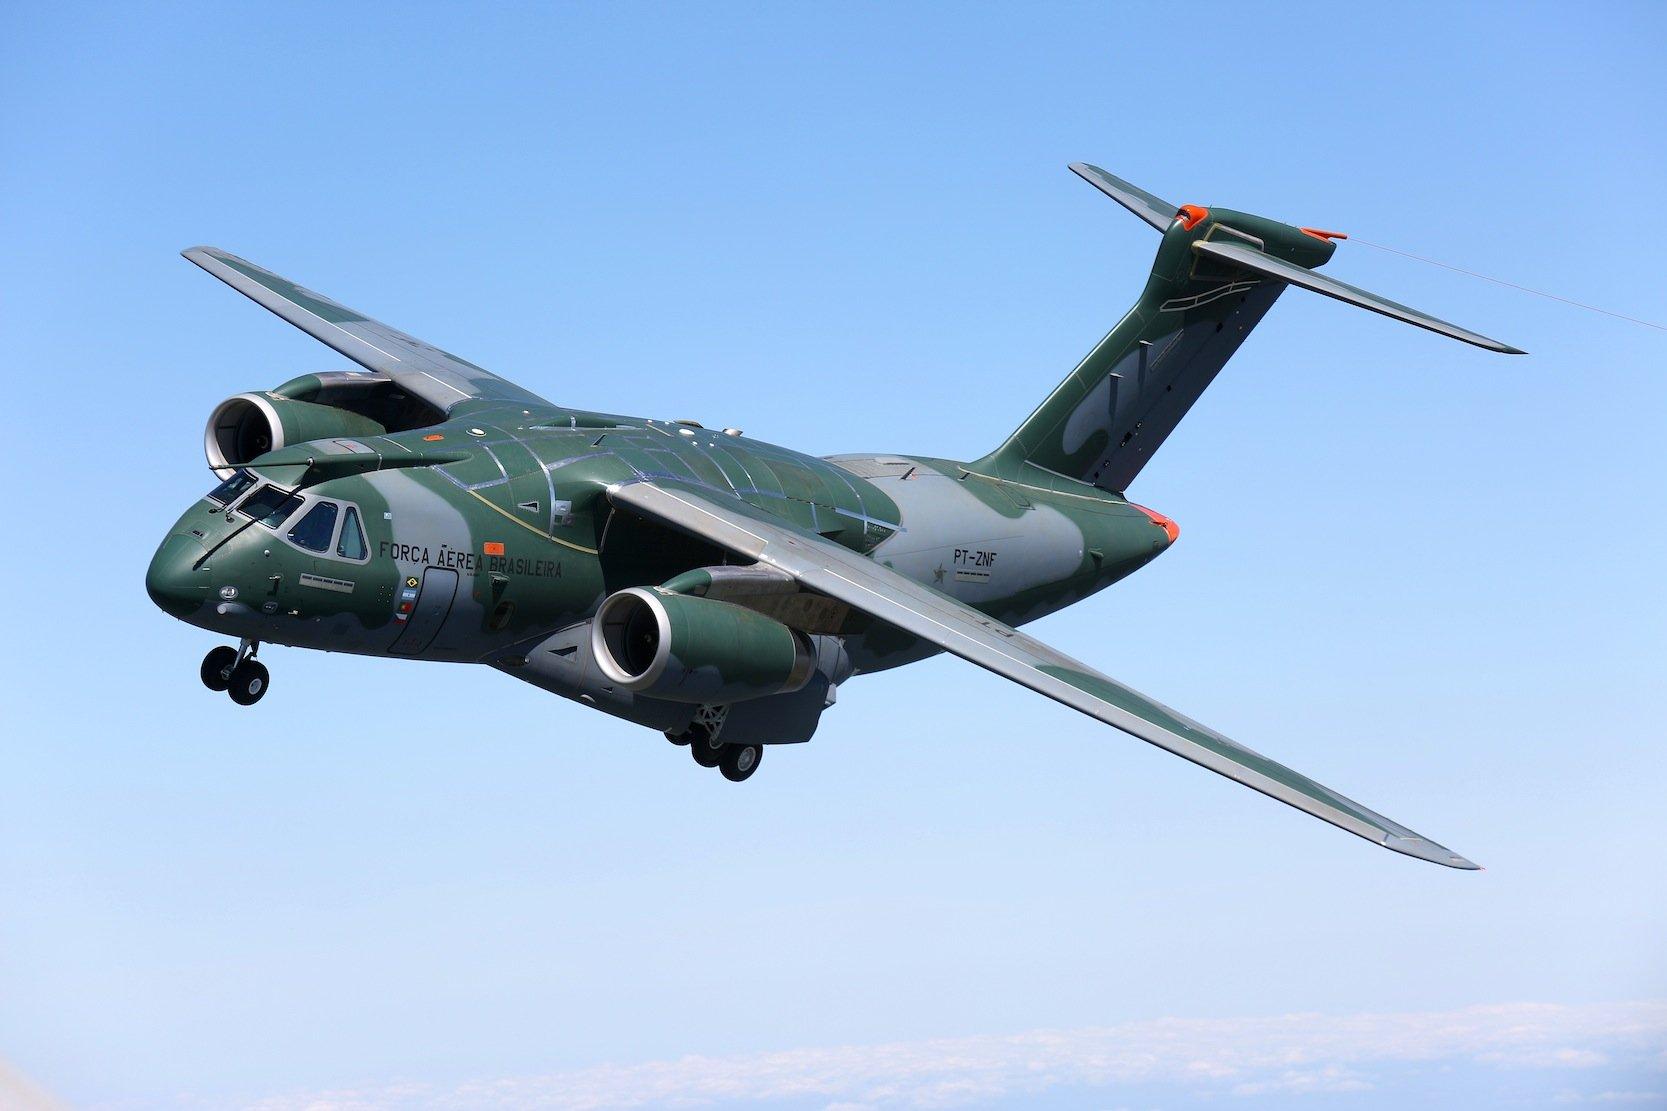 Die KC-390 von Embraer kann 80 Soldaten samt ihrer normalen Ausrüstung transportieren. Die Reichweite liegt bei knapp 5.000 km.